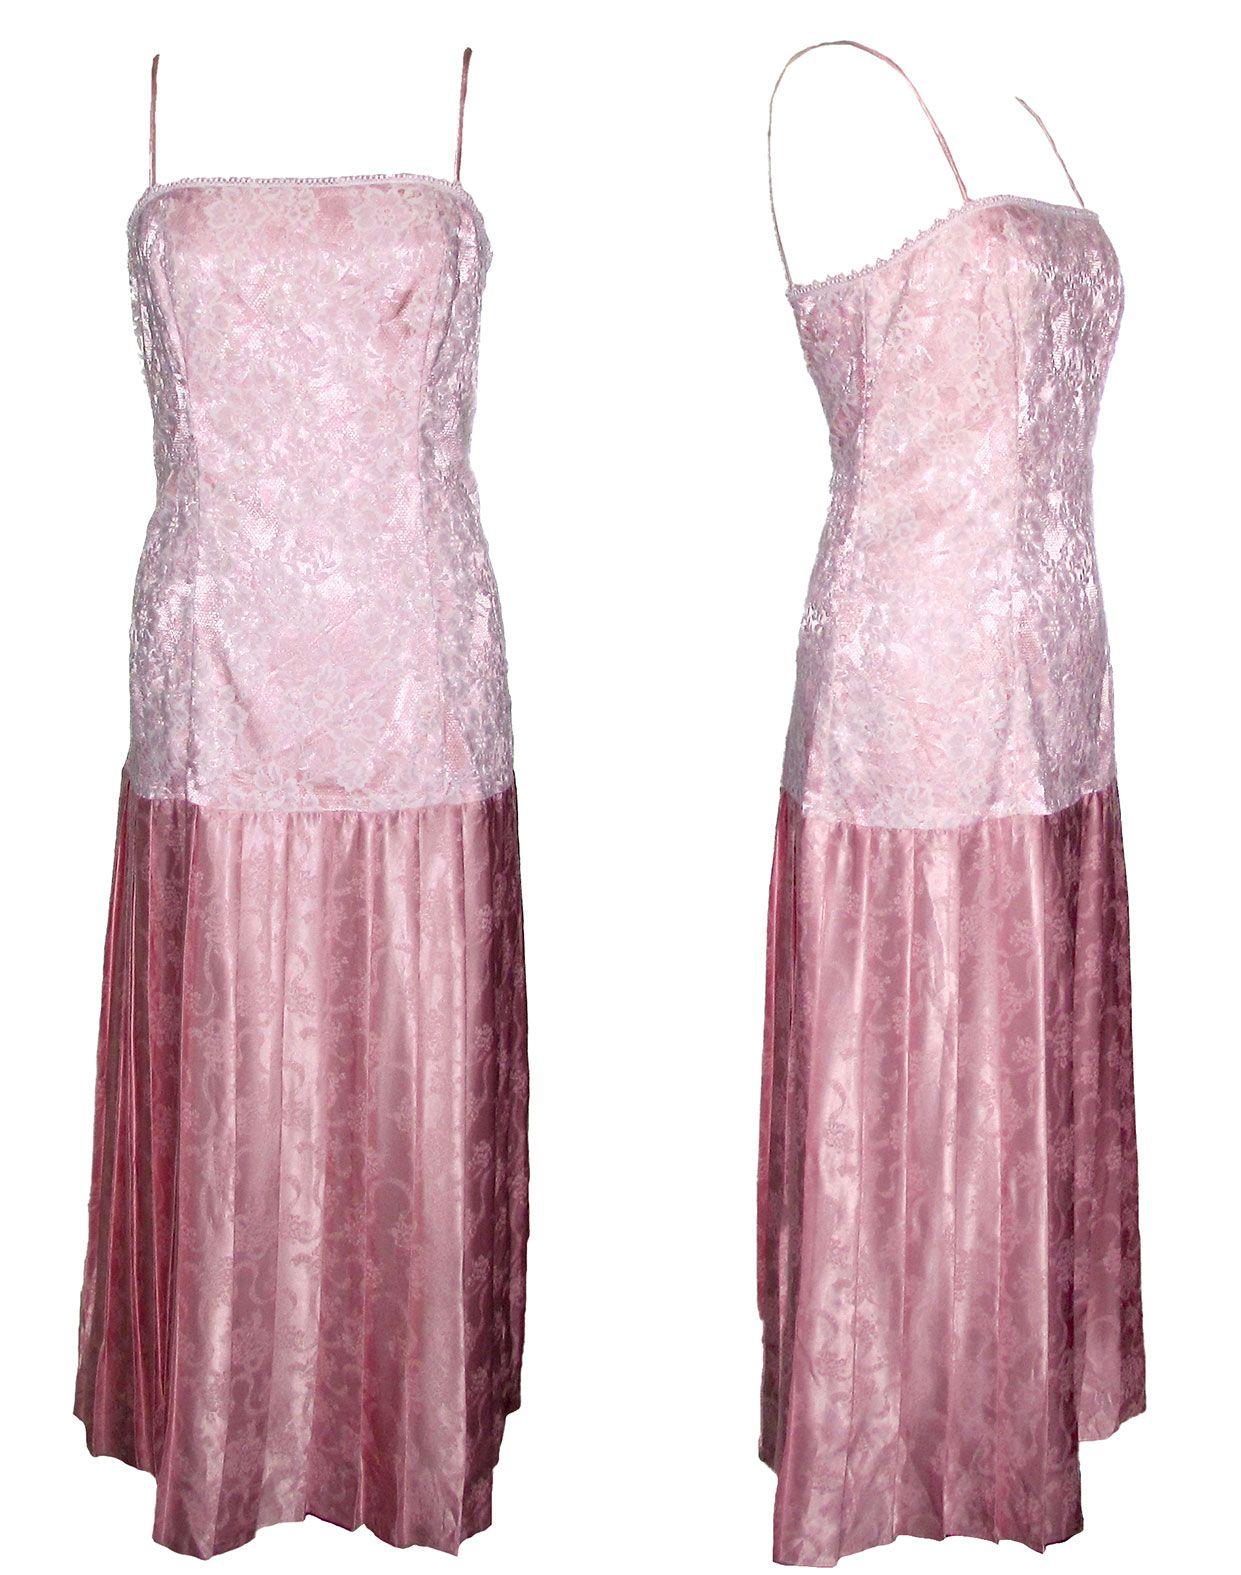 Vestido de fiesta en tono rosa y cuidado encaje blanco. Finos ...